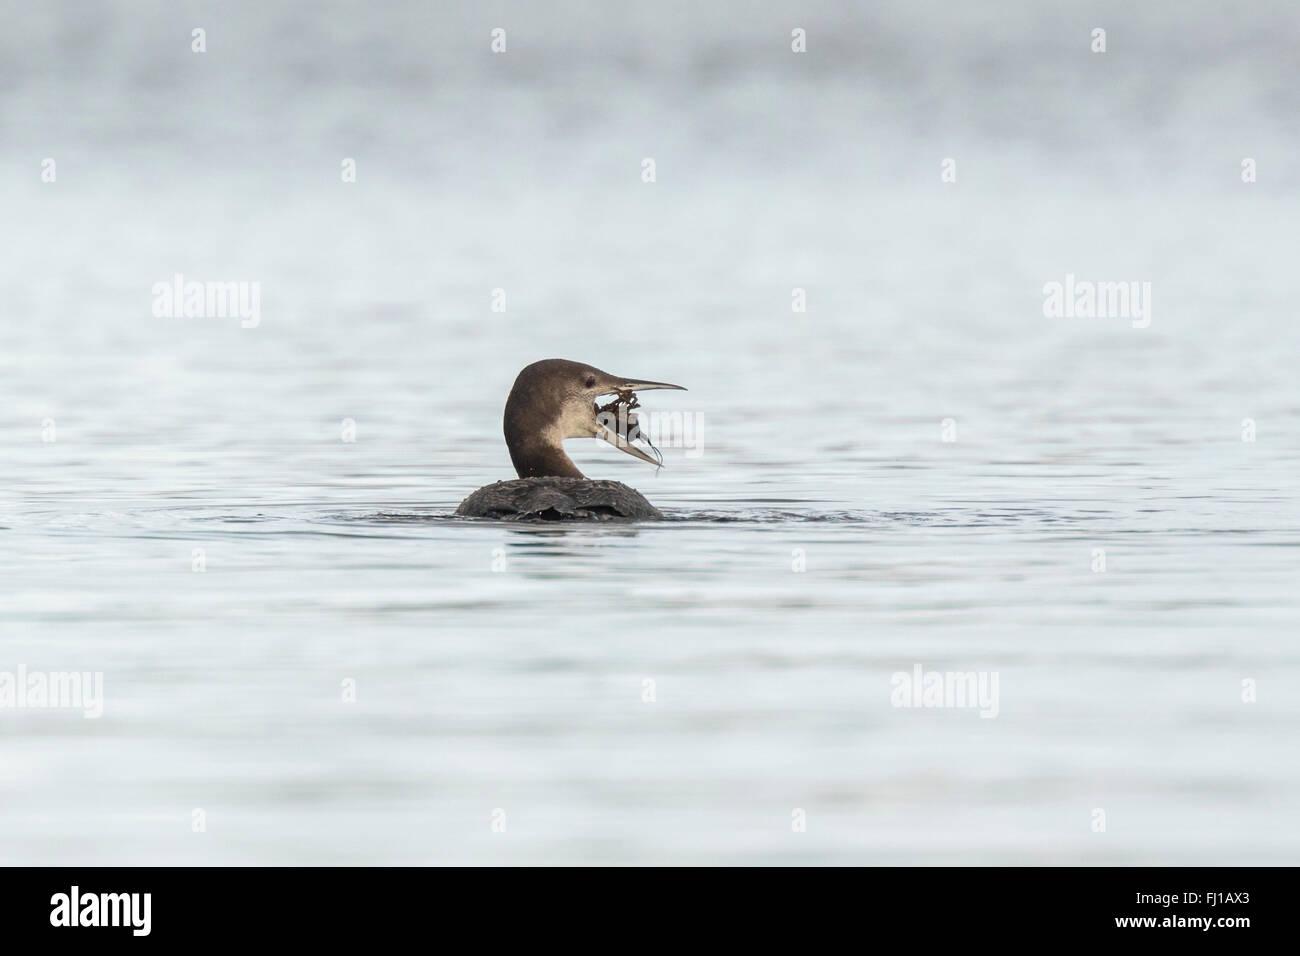 Gemeinsamen Loon (Gavia Immer) auch bekannt als die große nördliche Taucher oder großen nördlichen Loon Jagd und Stockfoto